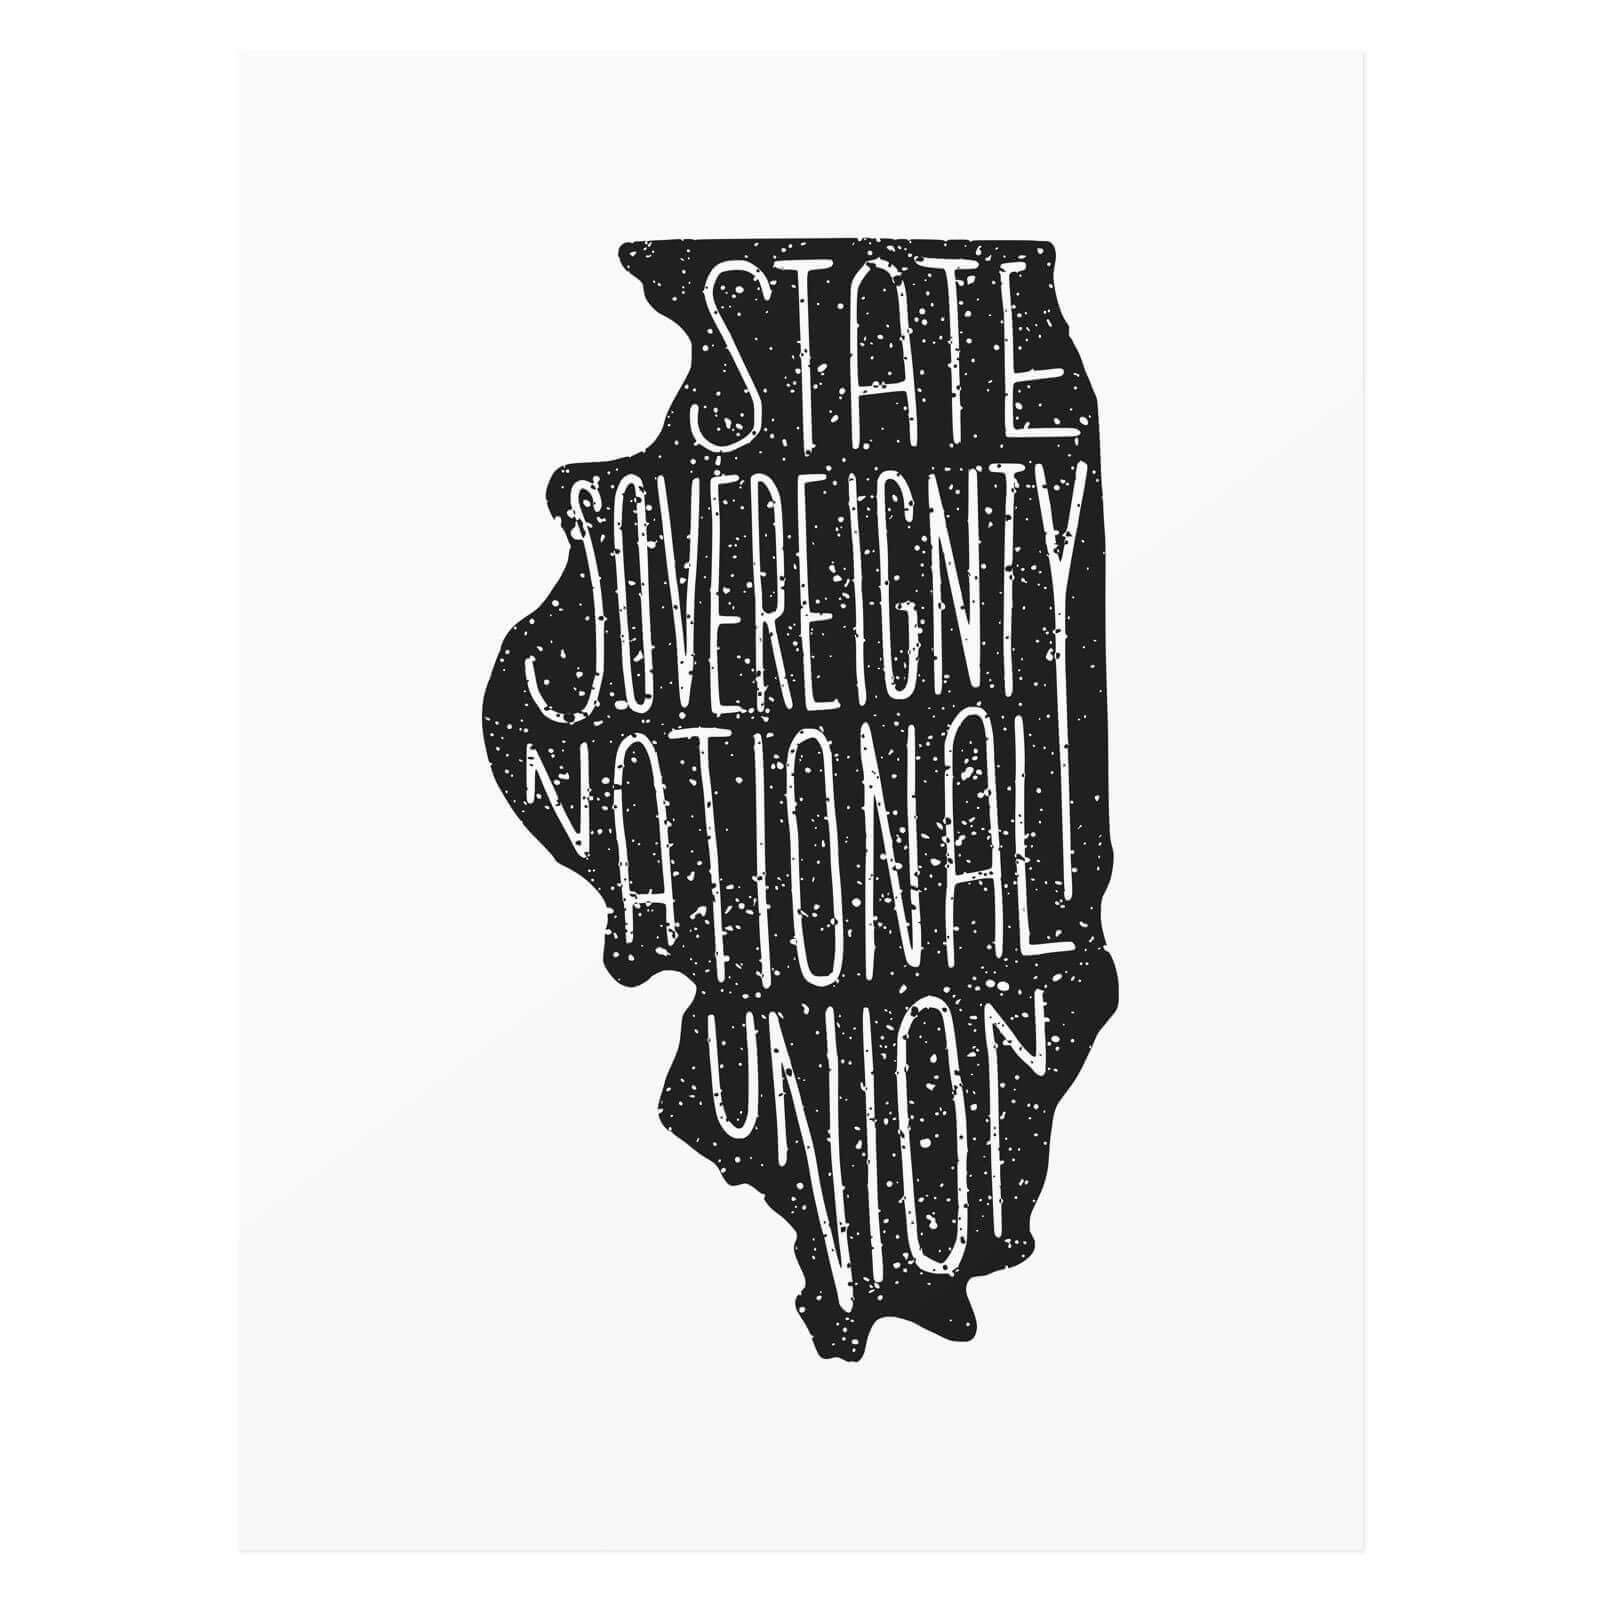 Product shot of Illinois